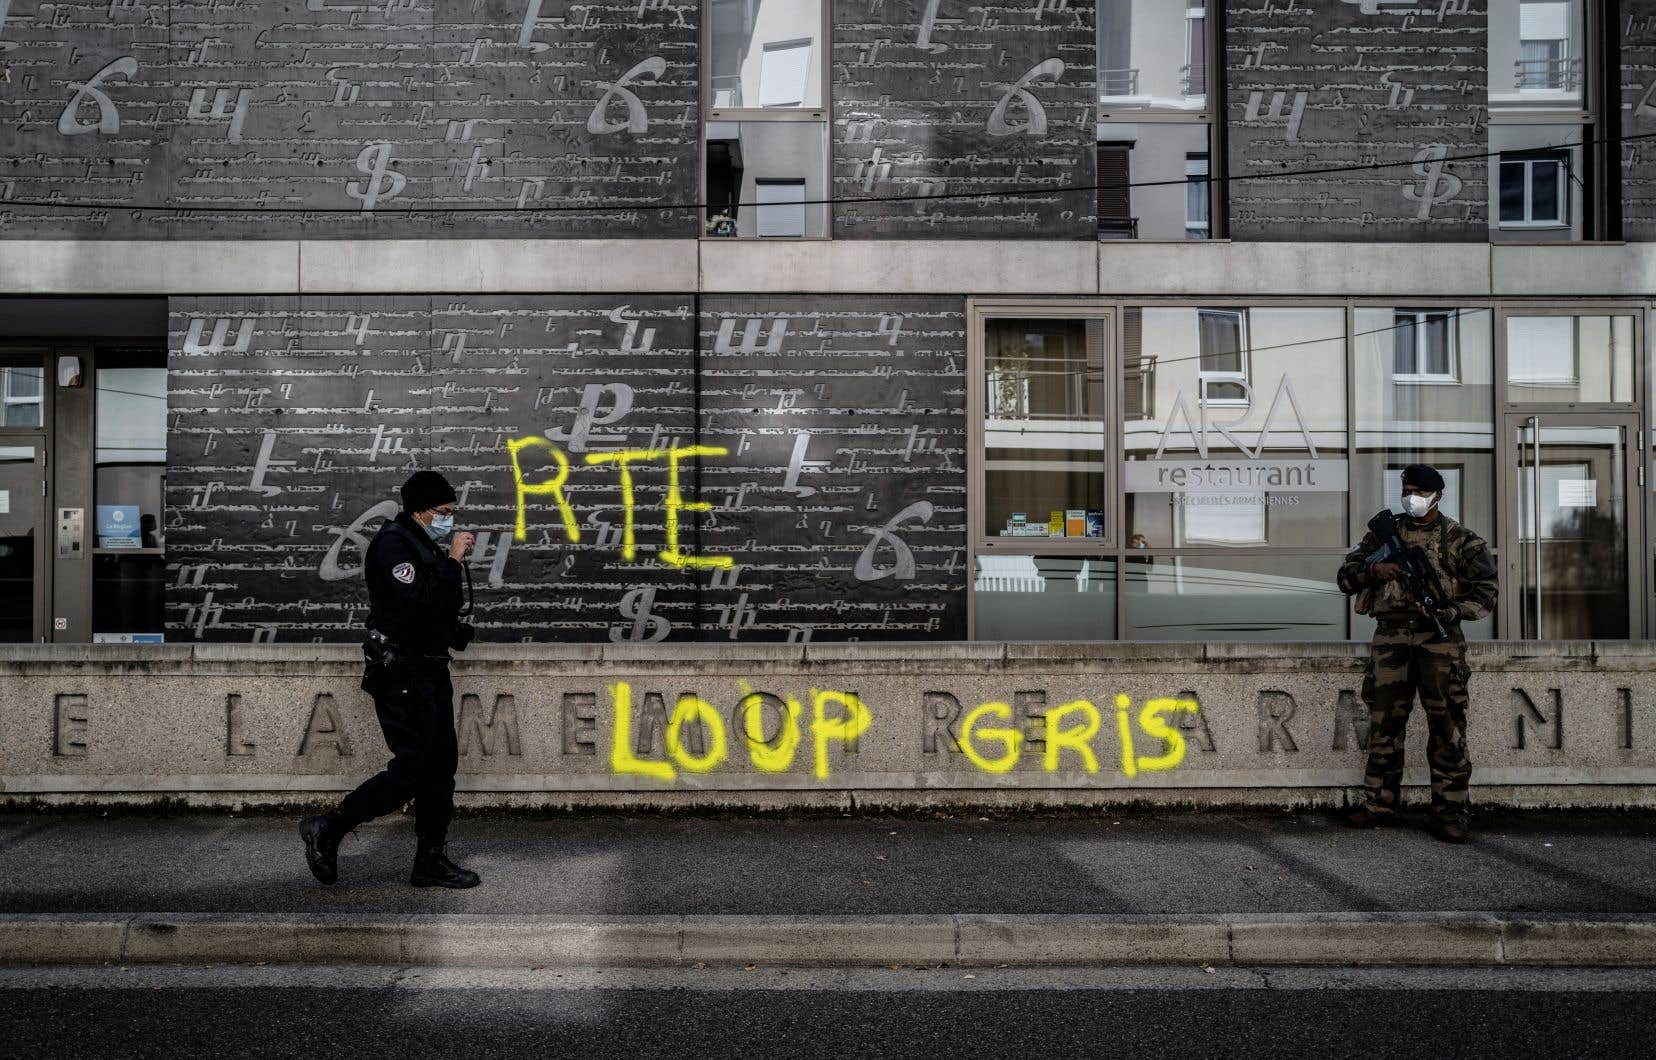 Le groupuscule des Loups gris a été notamment pointé du doigt après des incidents ayant opposé la semaine dernière communautés turque et arménienne à Décines-Charpieu, près de Lyon.